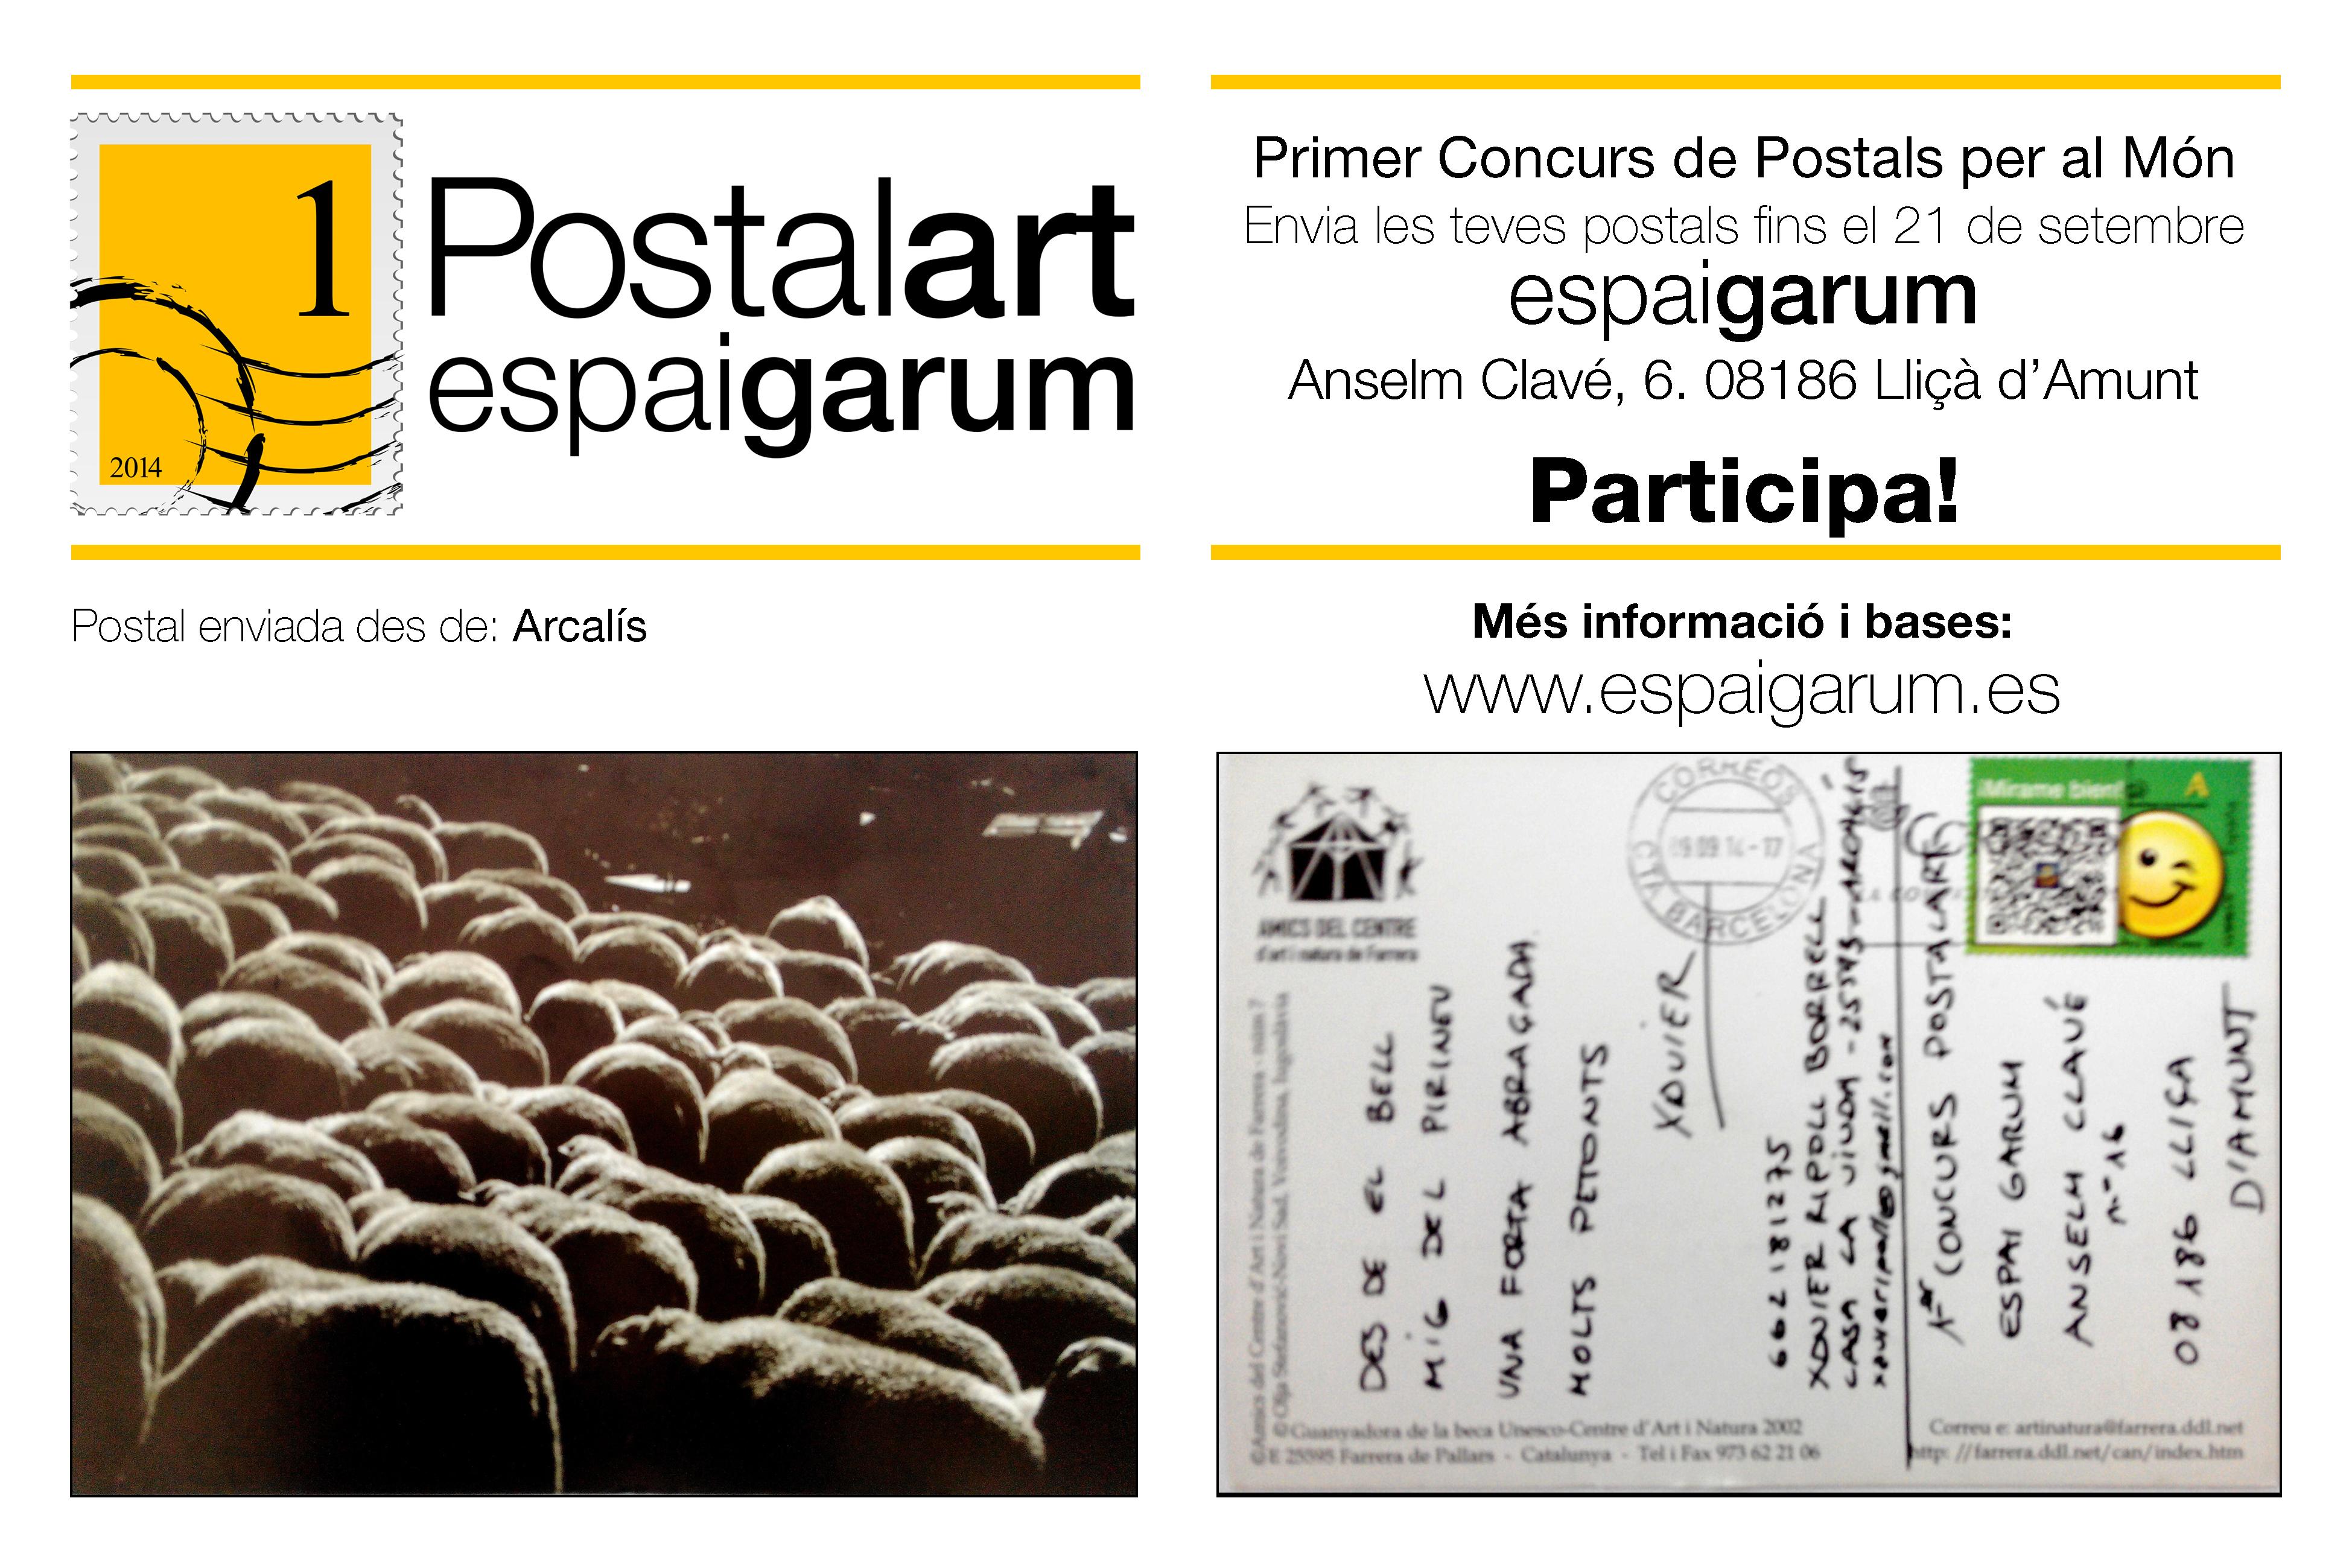 Postalart 14 063